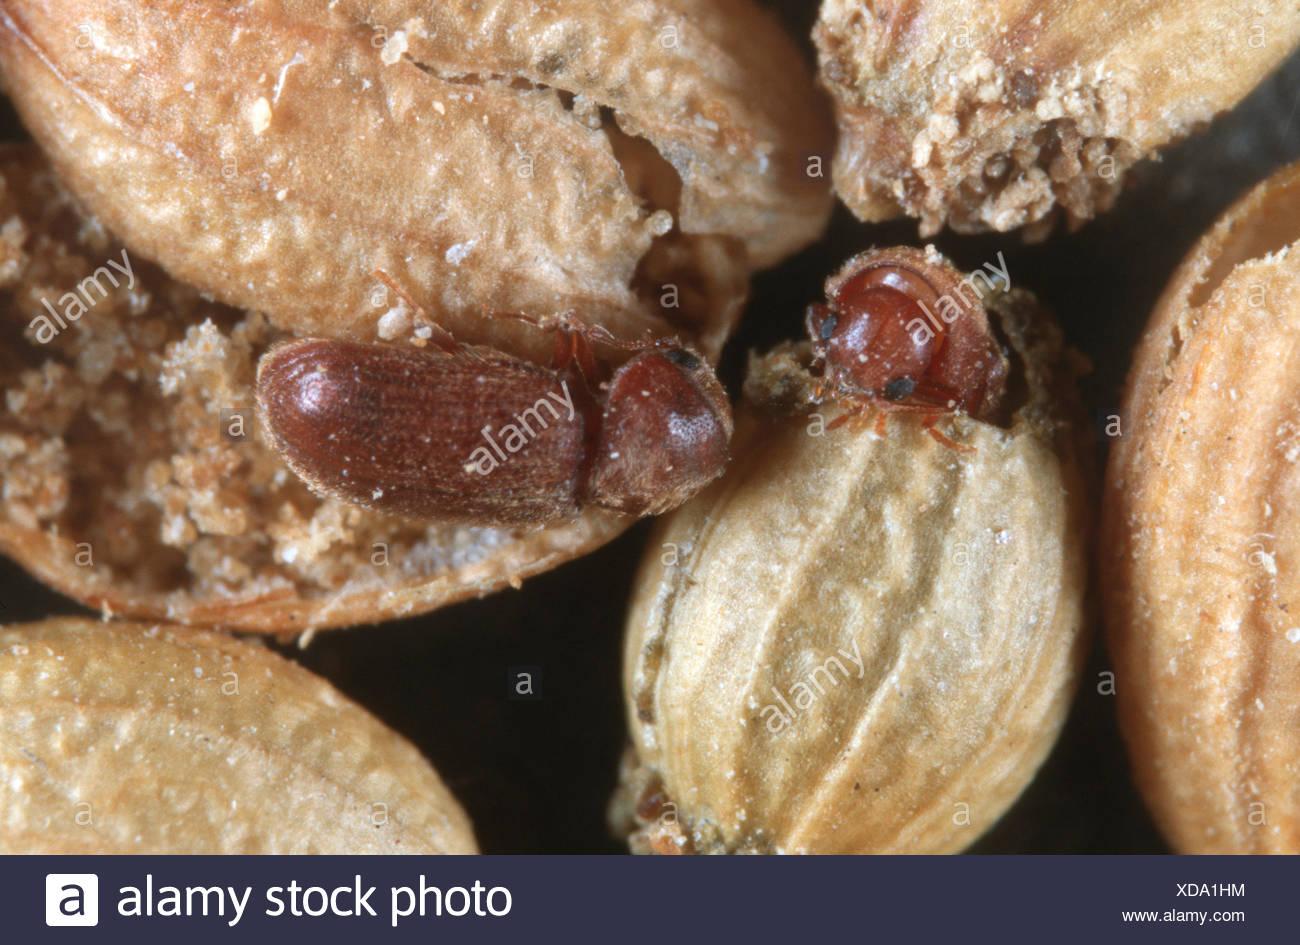 Drugstore beetle, drug store, charançon du pin, biscuit pain ponderosa Stegobium paniceum (coléoptères), à la graine de coriandre Photo Stock